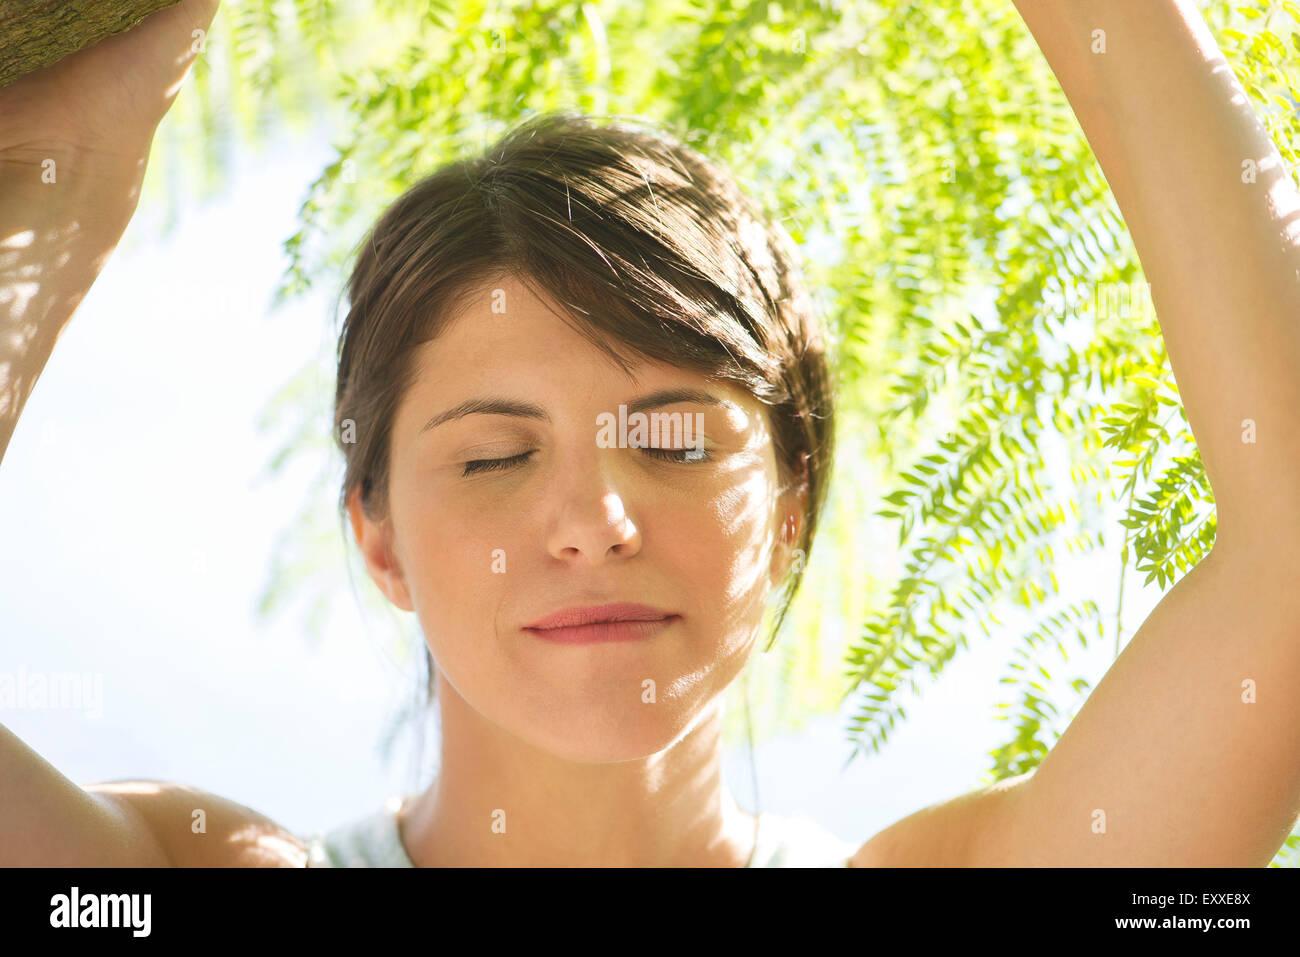 Donna ombreggiata da fogliame, gli occhi chiusi, ritratto Immagini Stock